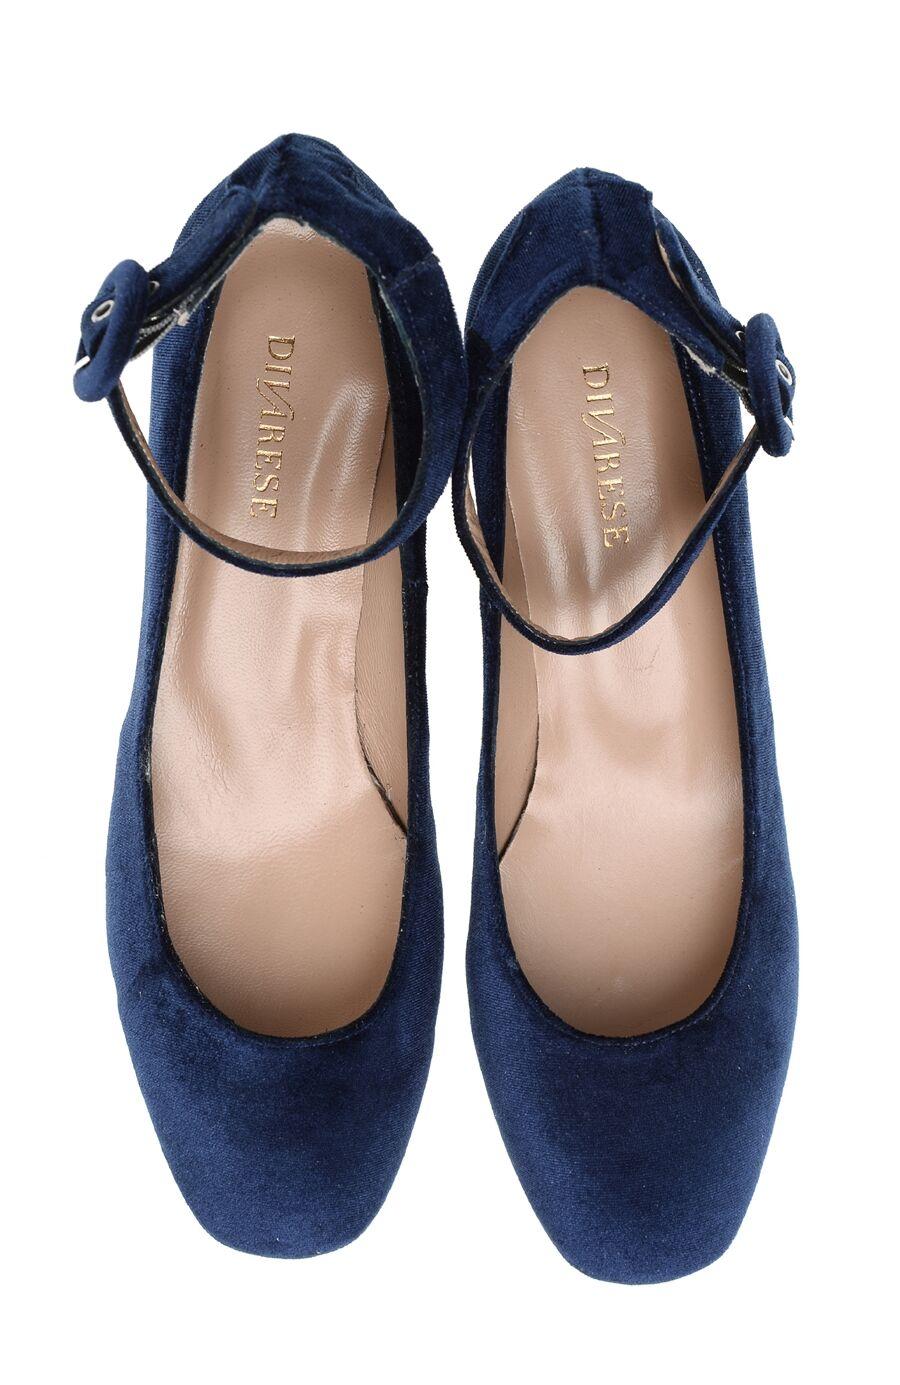 Lacivert Kadife Ayakkabı